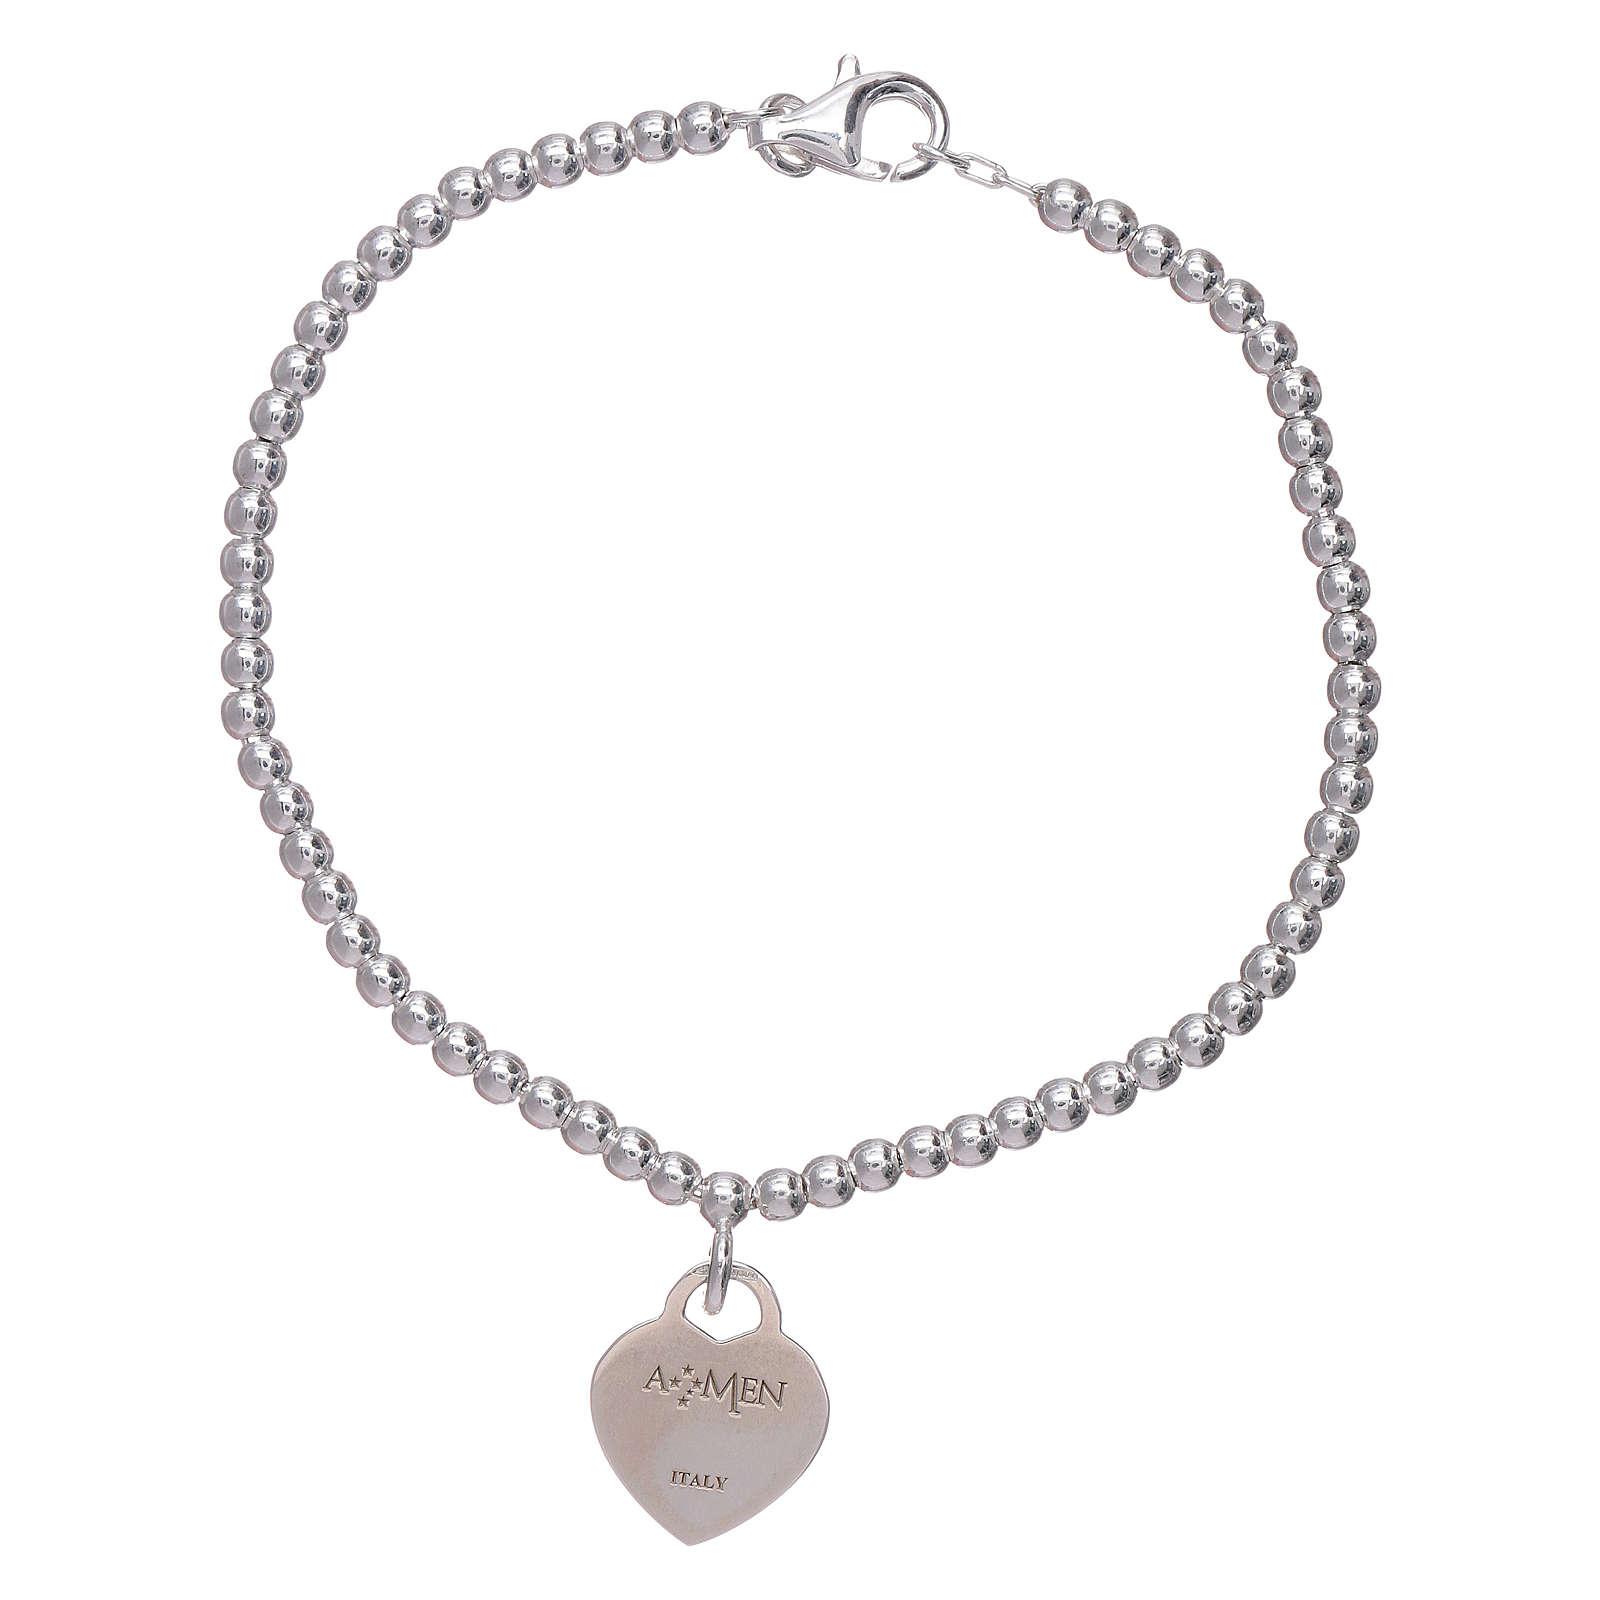 c40683726e0 Bracelet AMEN coeur pendentif argent 925 rhodié 4